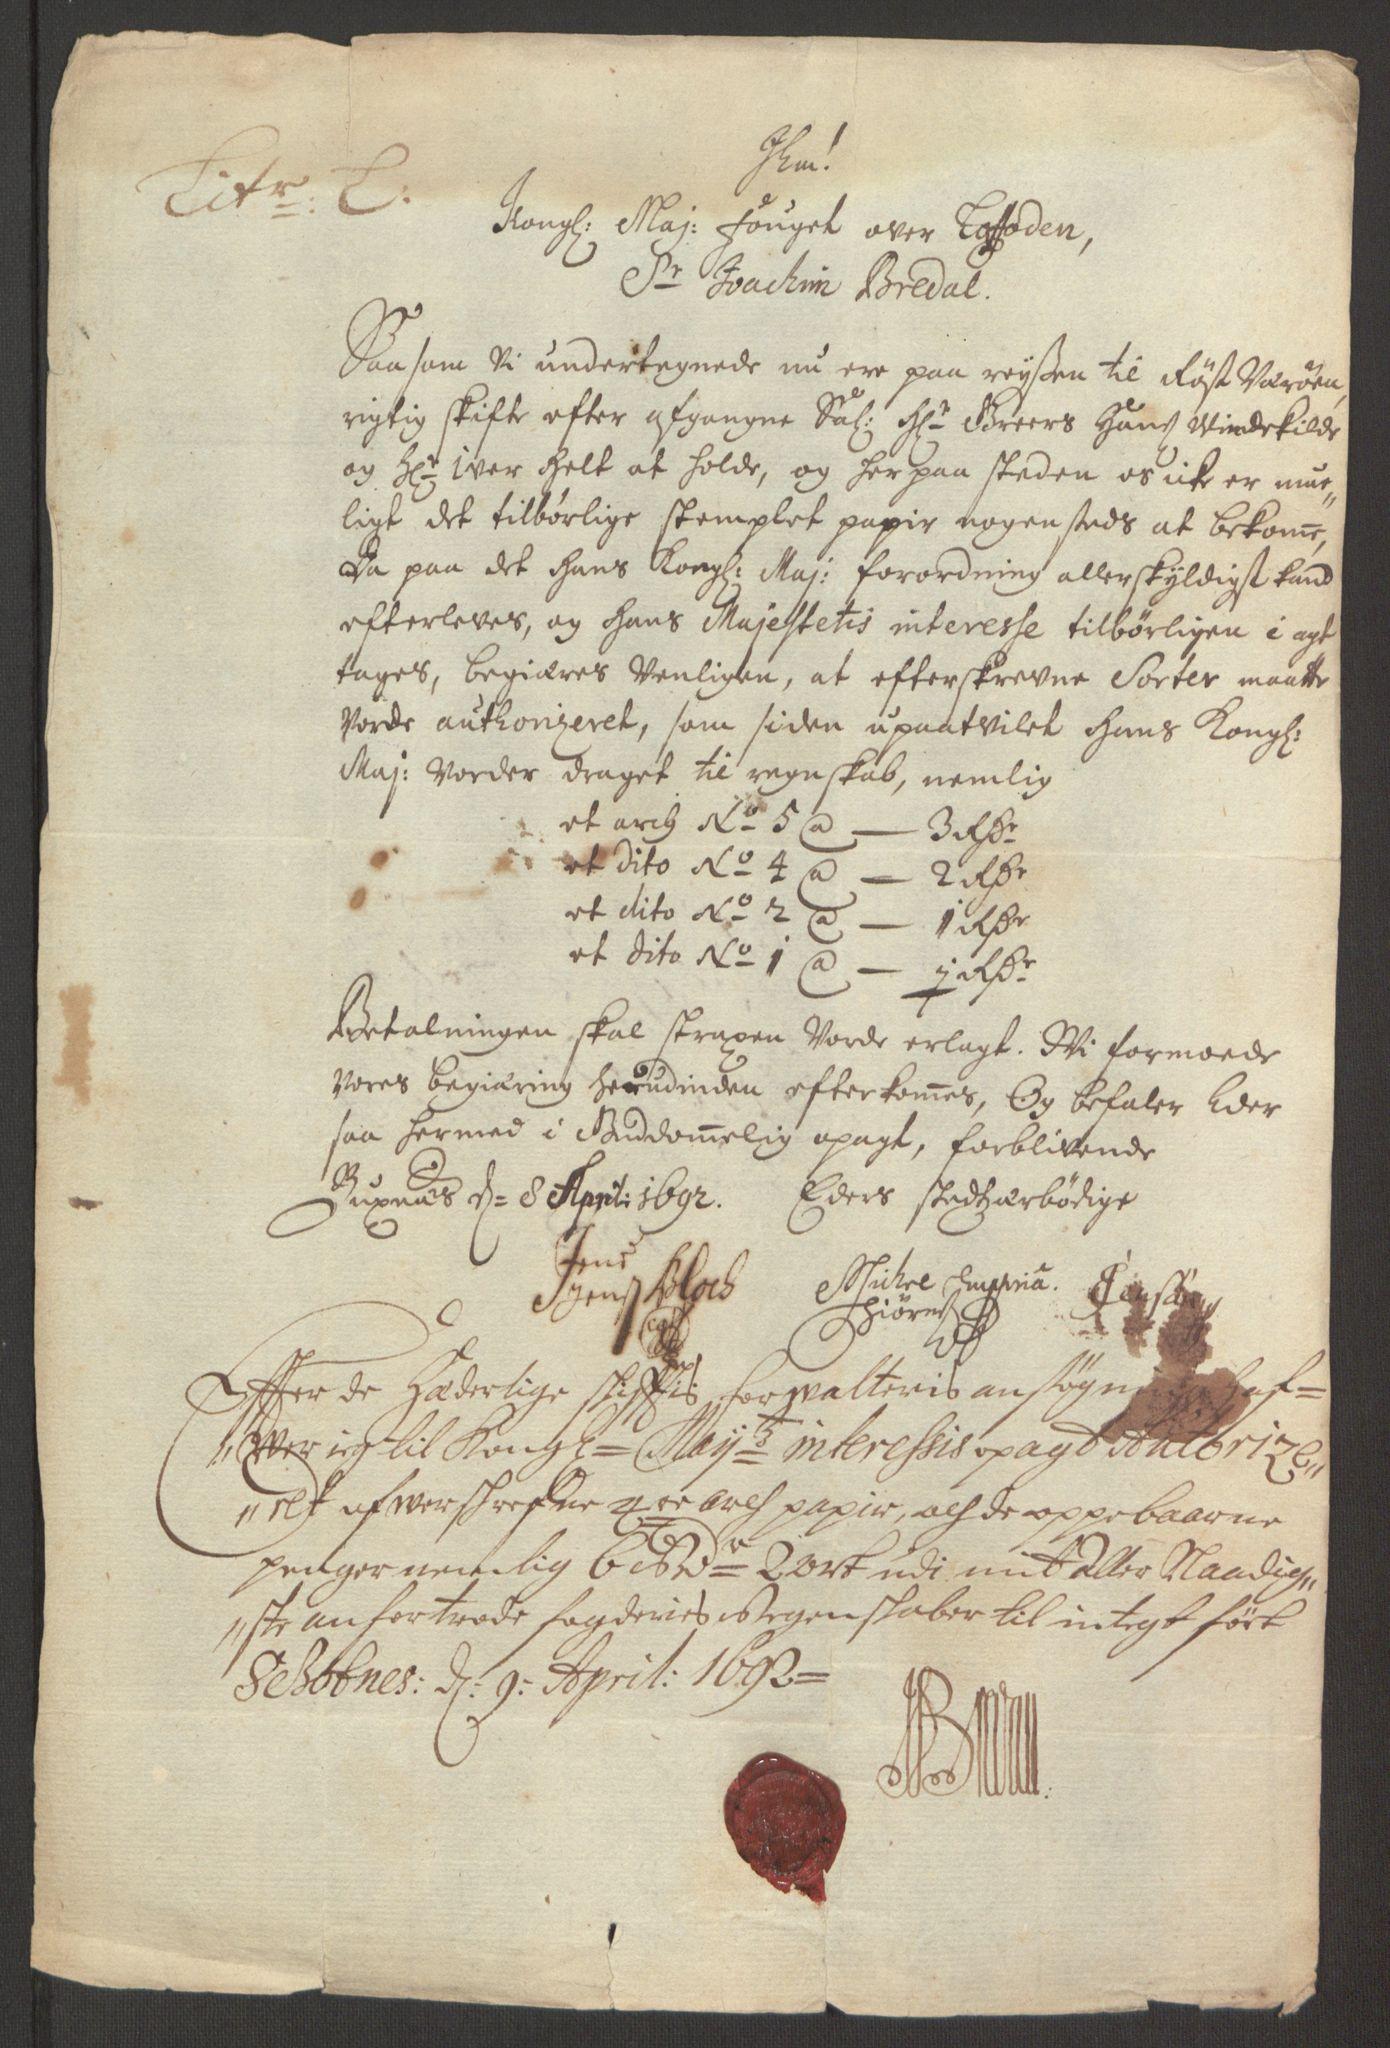 RA, Rentekammeret inntil 1814, Reviderte regnskaper, Fogderegnskap, R67/L4675: Fogderegnskap Vesterålen, Andenes og Lofoten, 1691-1693, s. 202